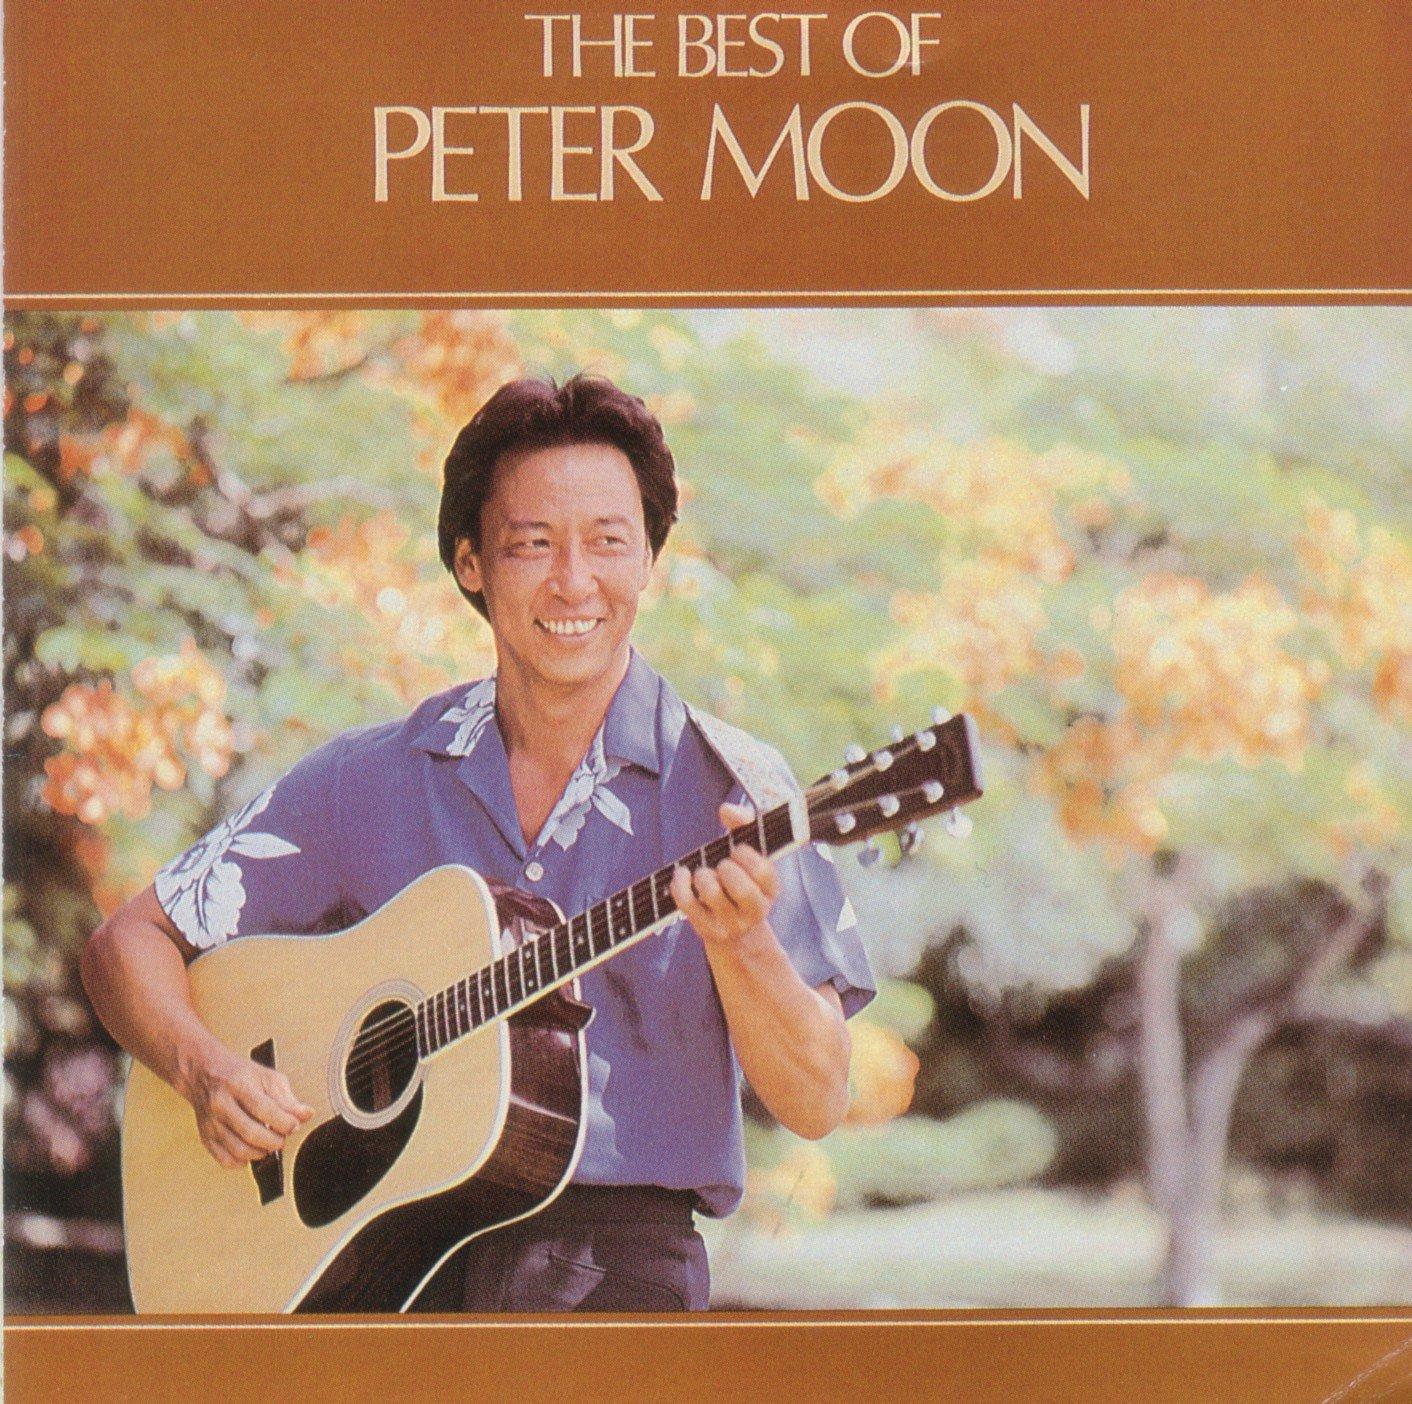 Best of Peter Moon